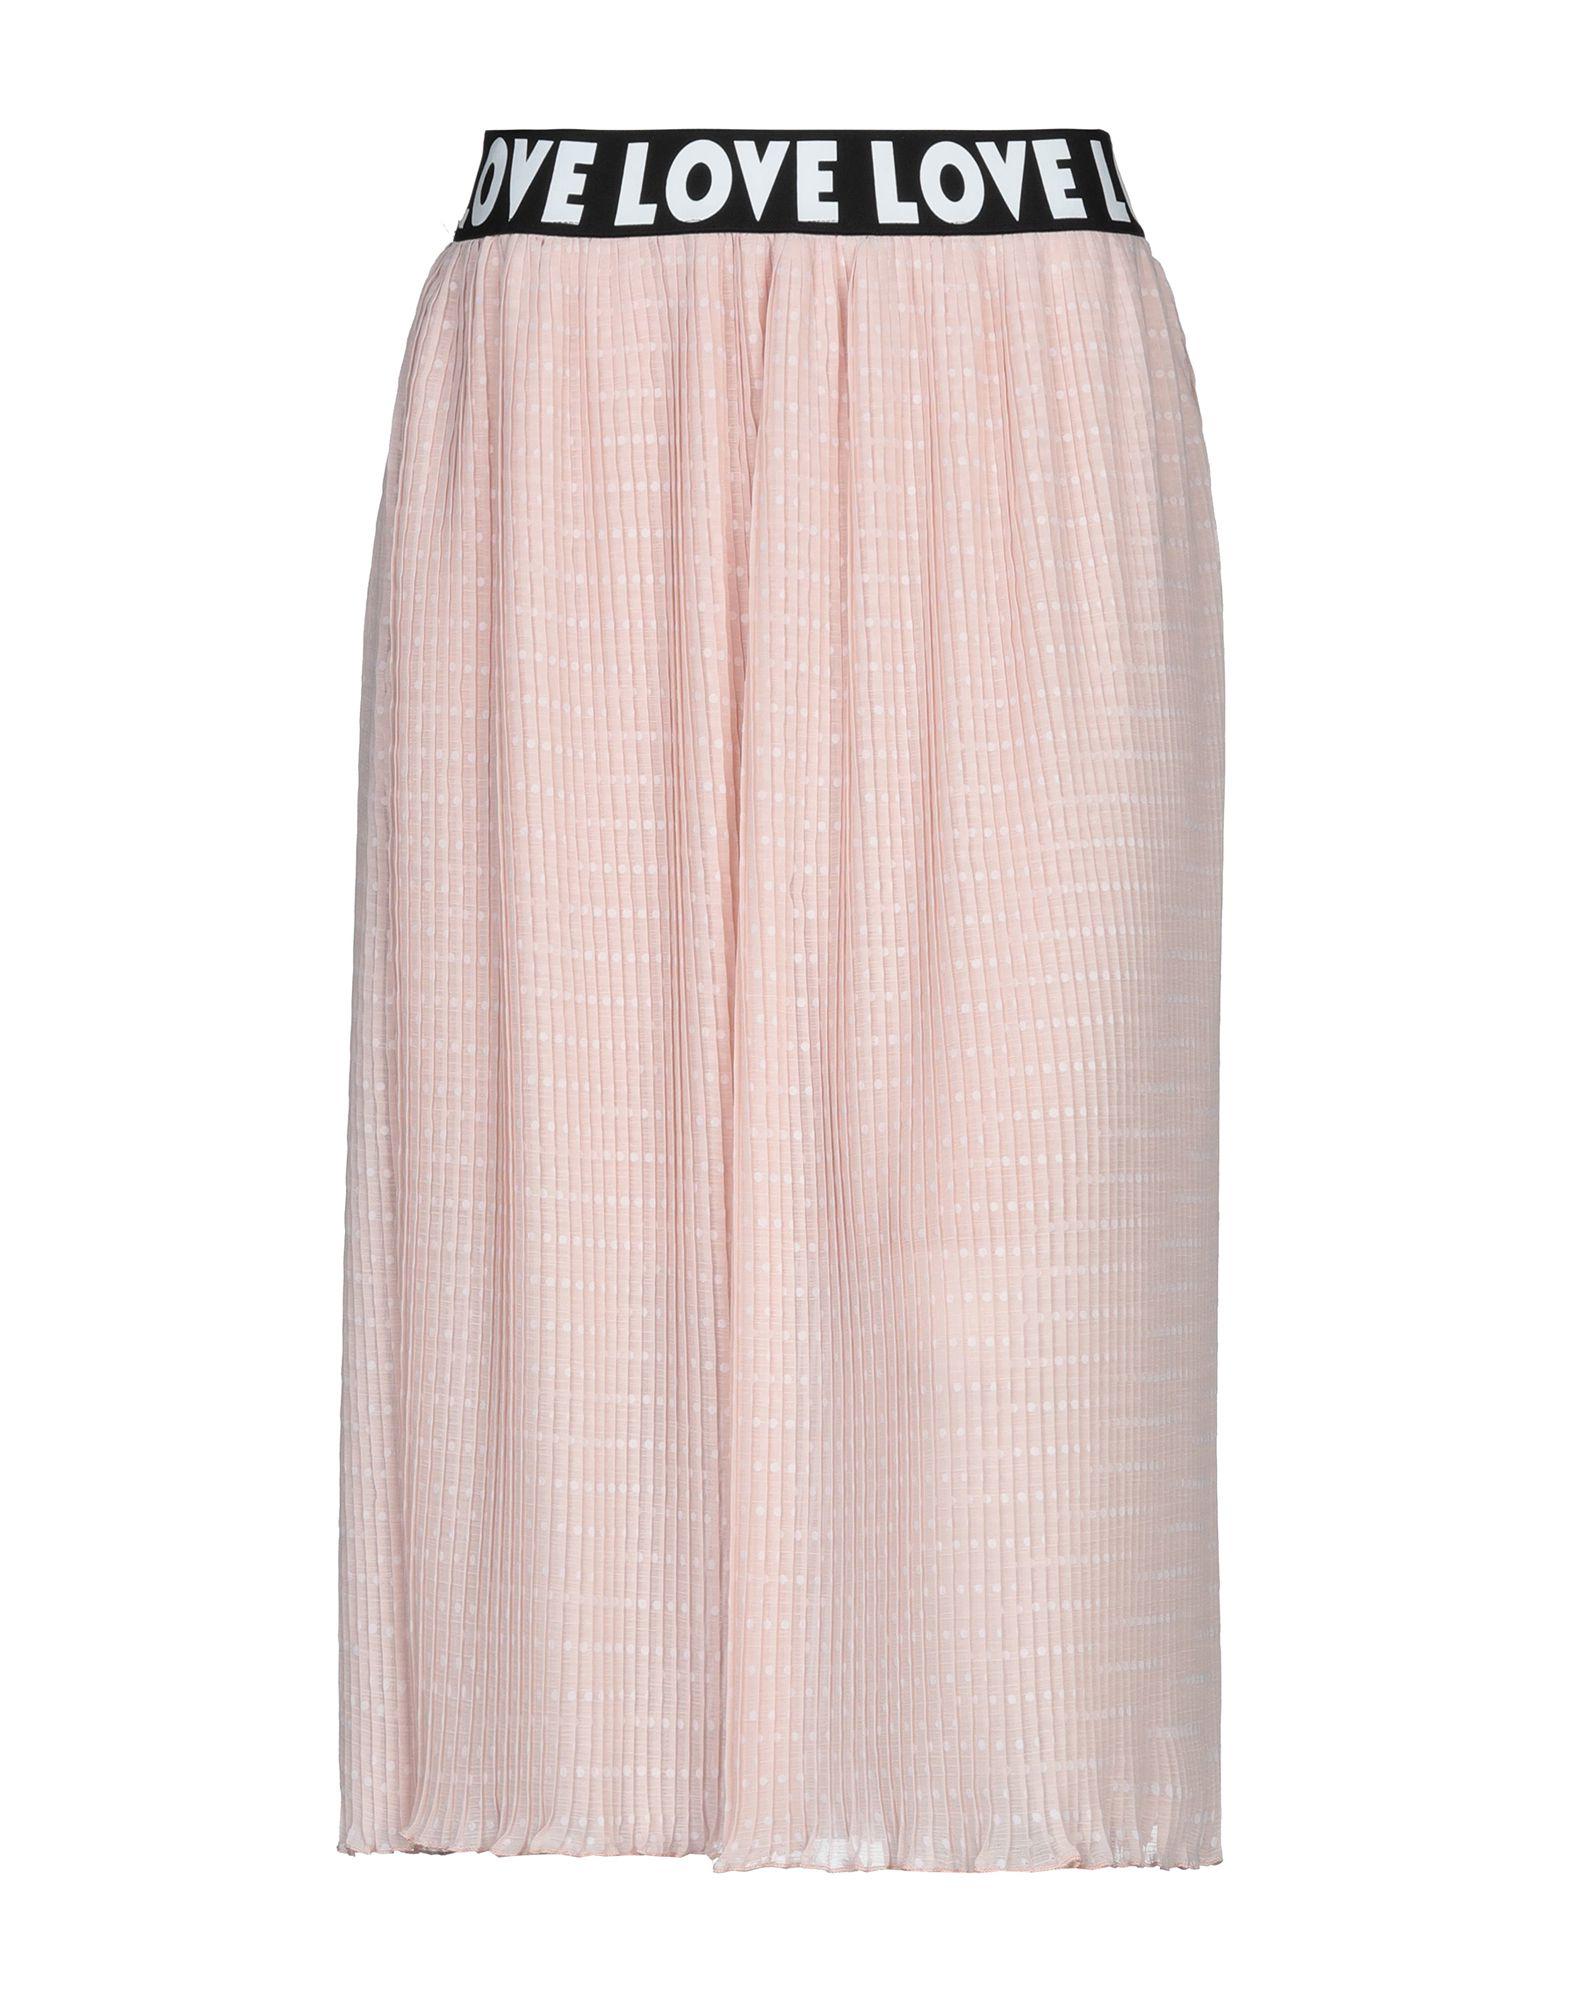 KATE BY LALTRAMODA Юбка длиной 3/4 laltramoda юбка до колена